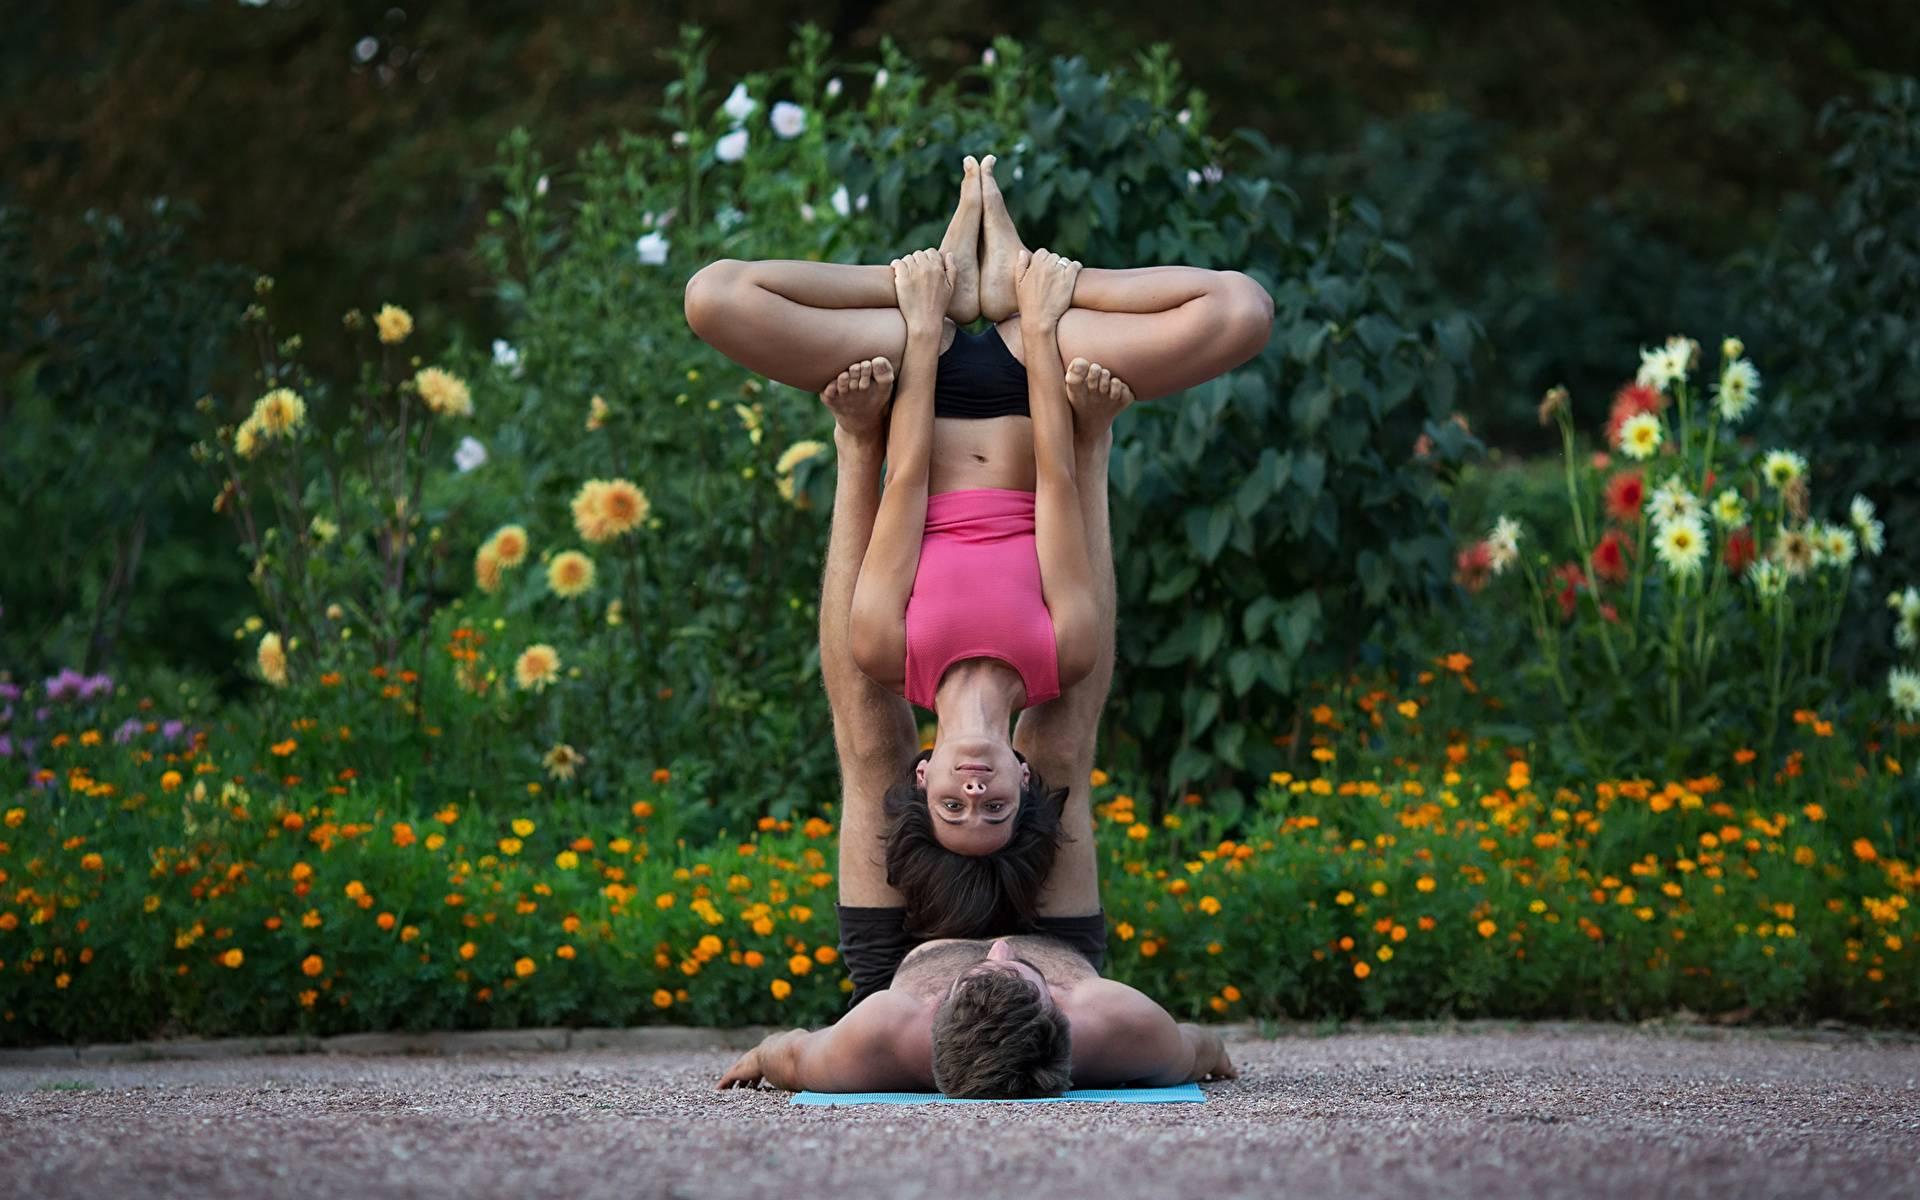 Студия body & mind - йога и пилатес в москве | the base